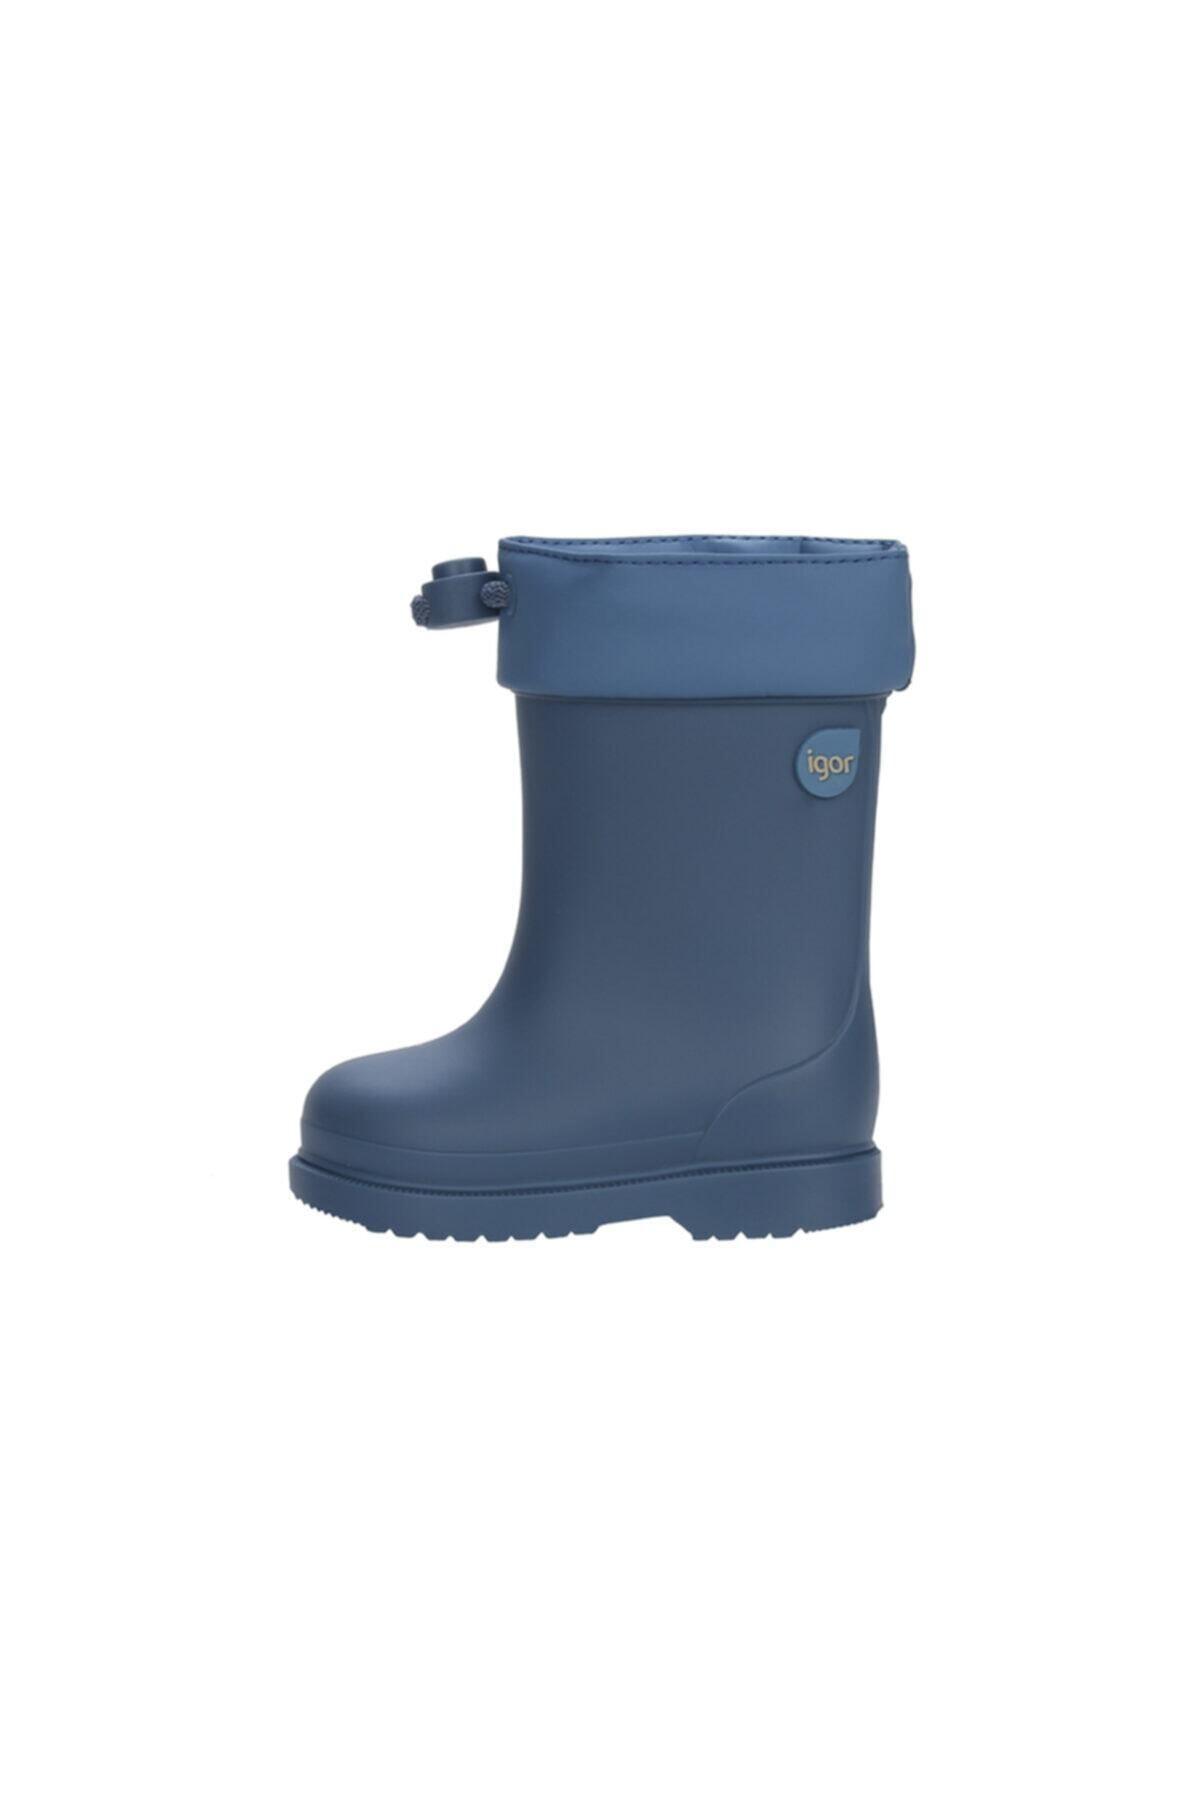 IGOR W10100 Chufo Cuello-047 Mavi Erkek Çocuk Yağmur Çizmesi 100386340 1